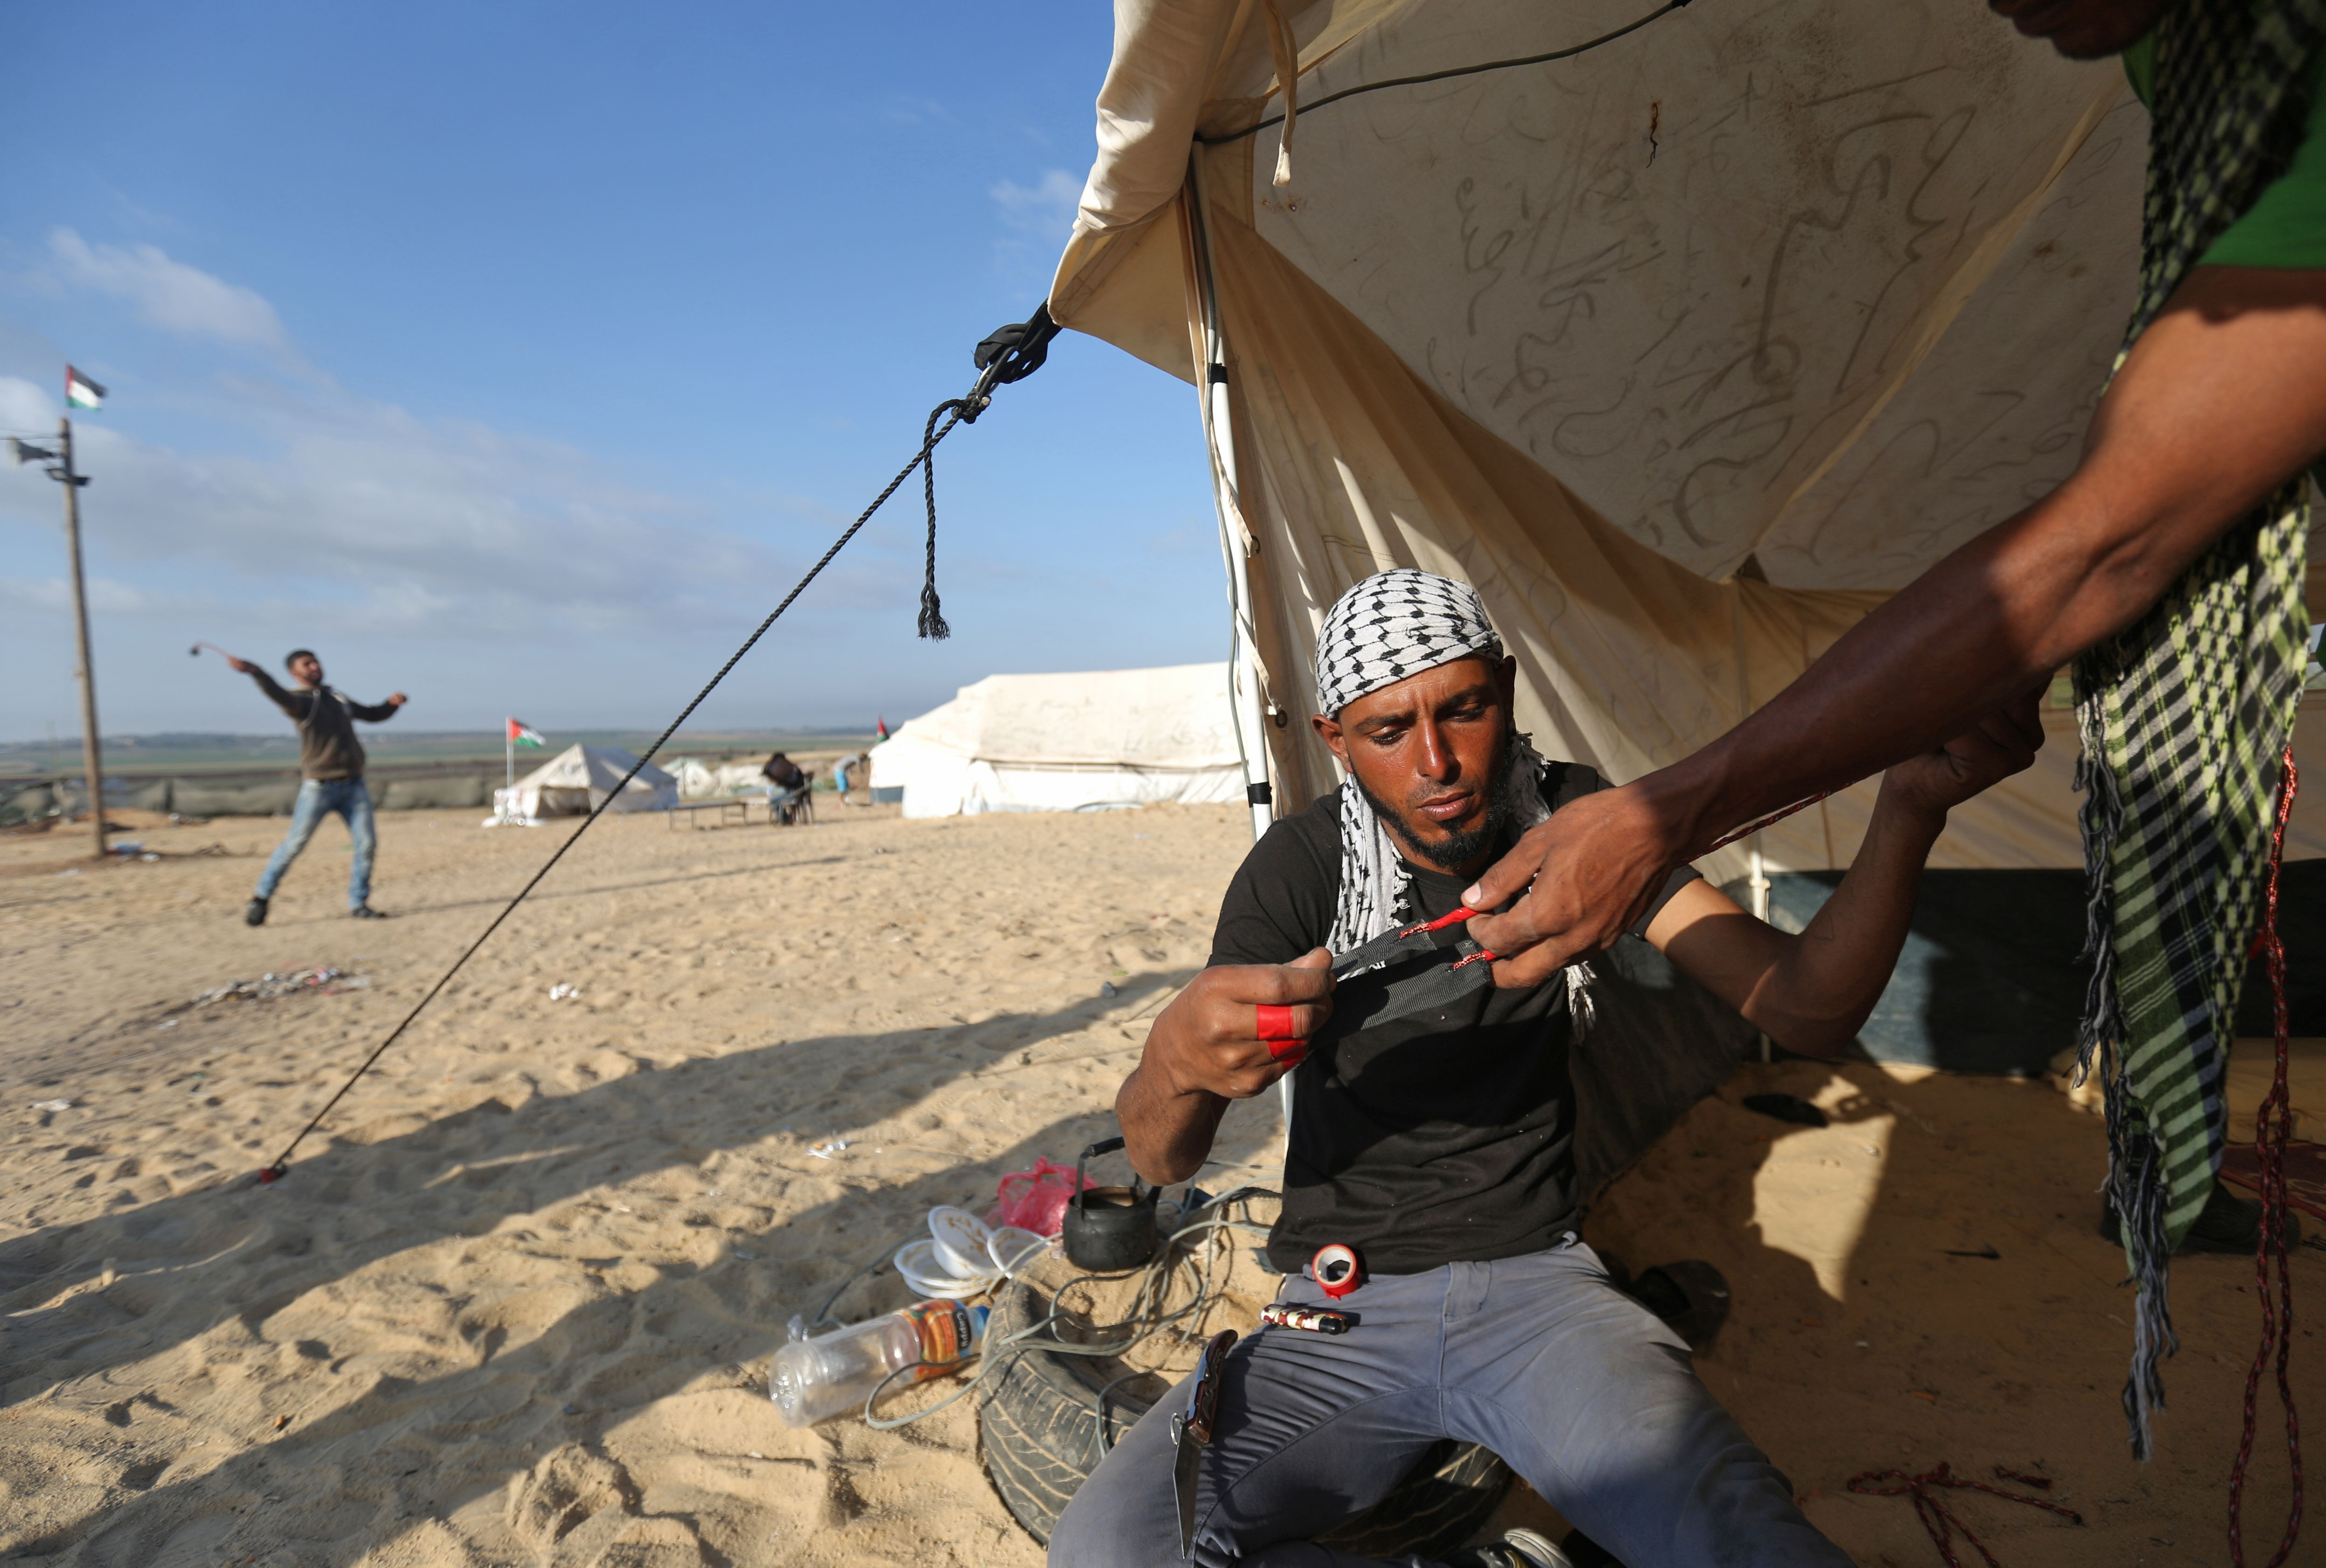 استعدادات الفلسطينيين للمظاهرات على حدود غزة